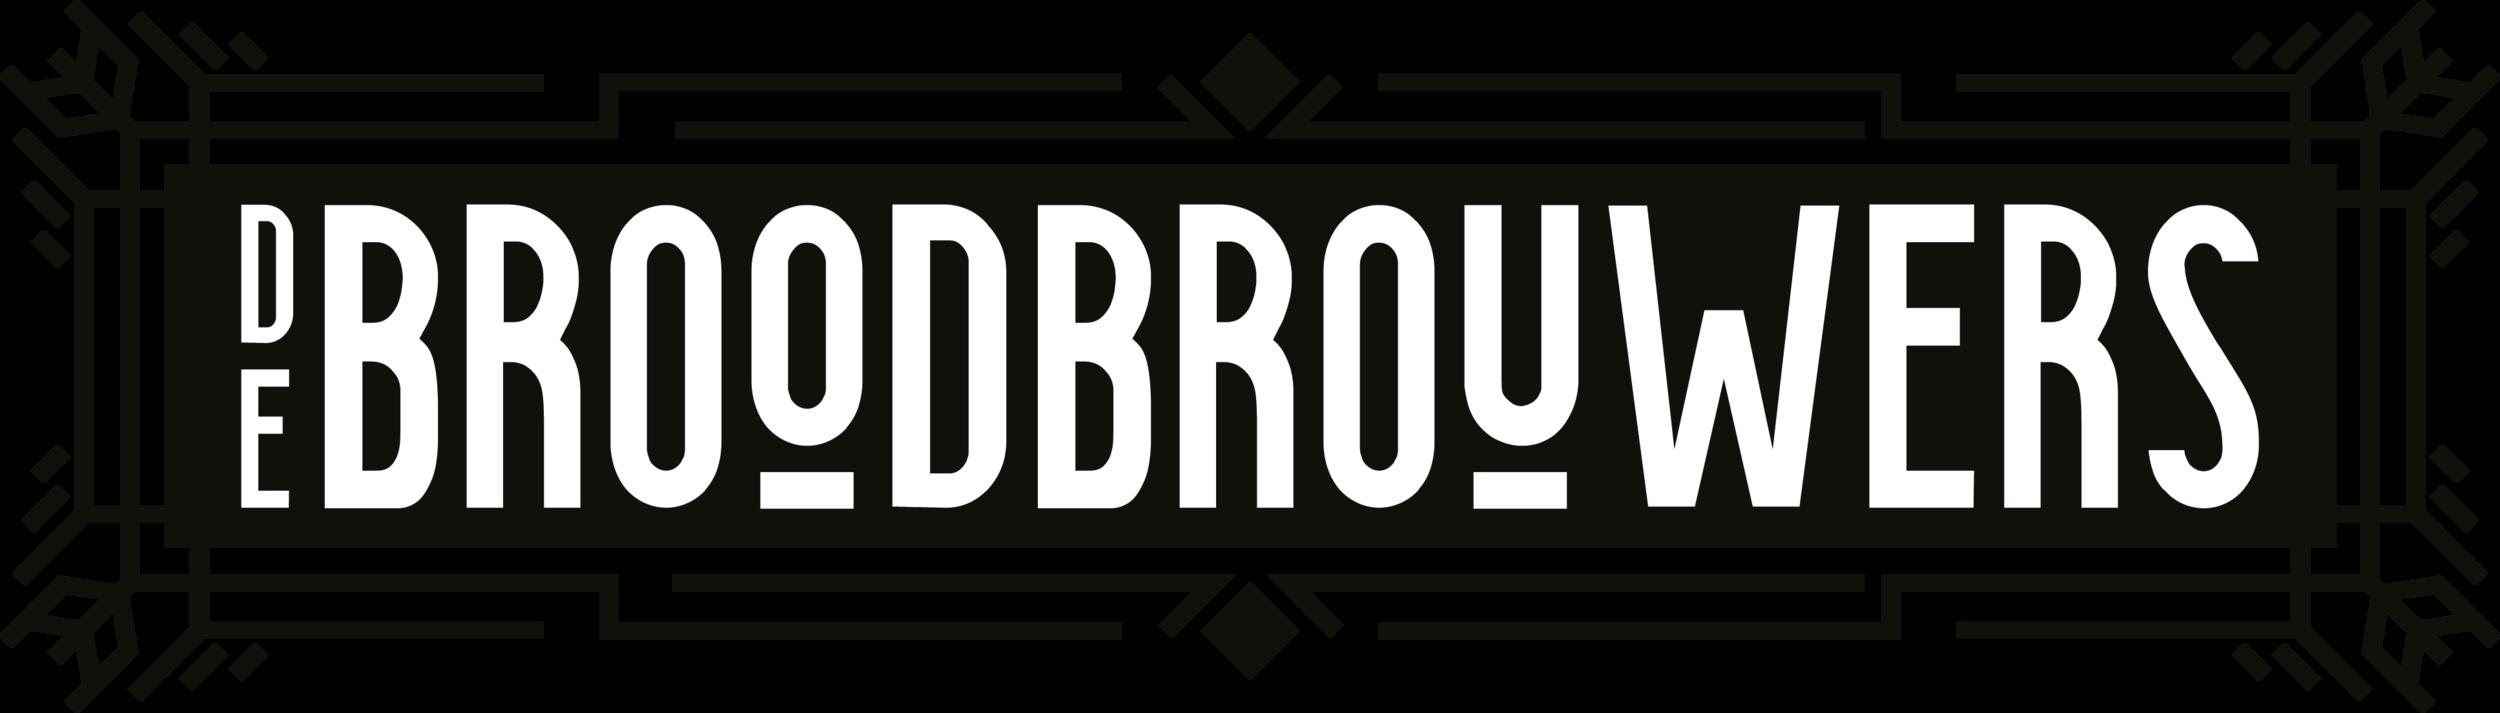 Logo_De_Broodbrouwers_png.png